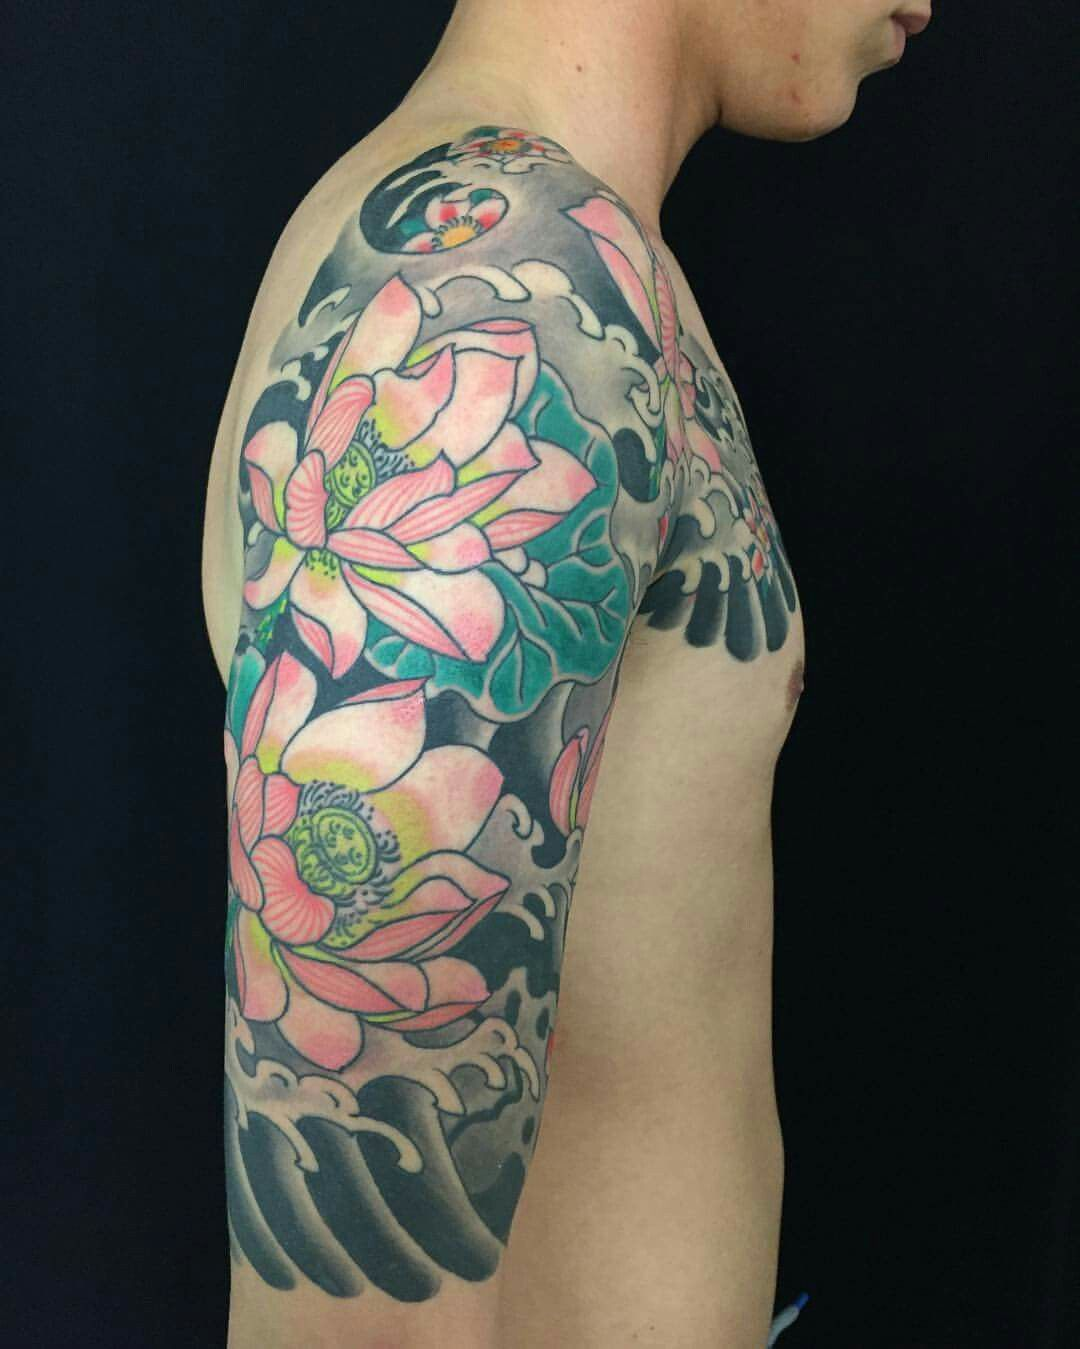 Pin by 15999955381 on ta t too pinterest tattoo izmirmasajfo